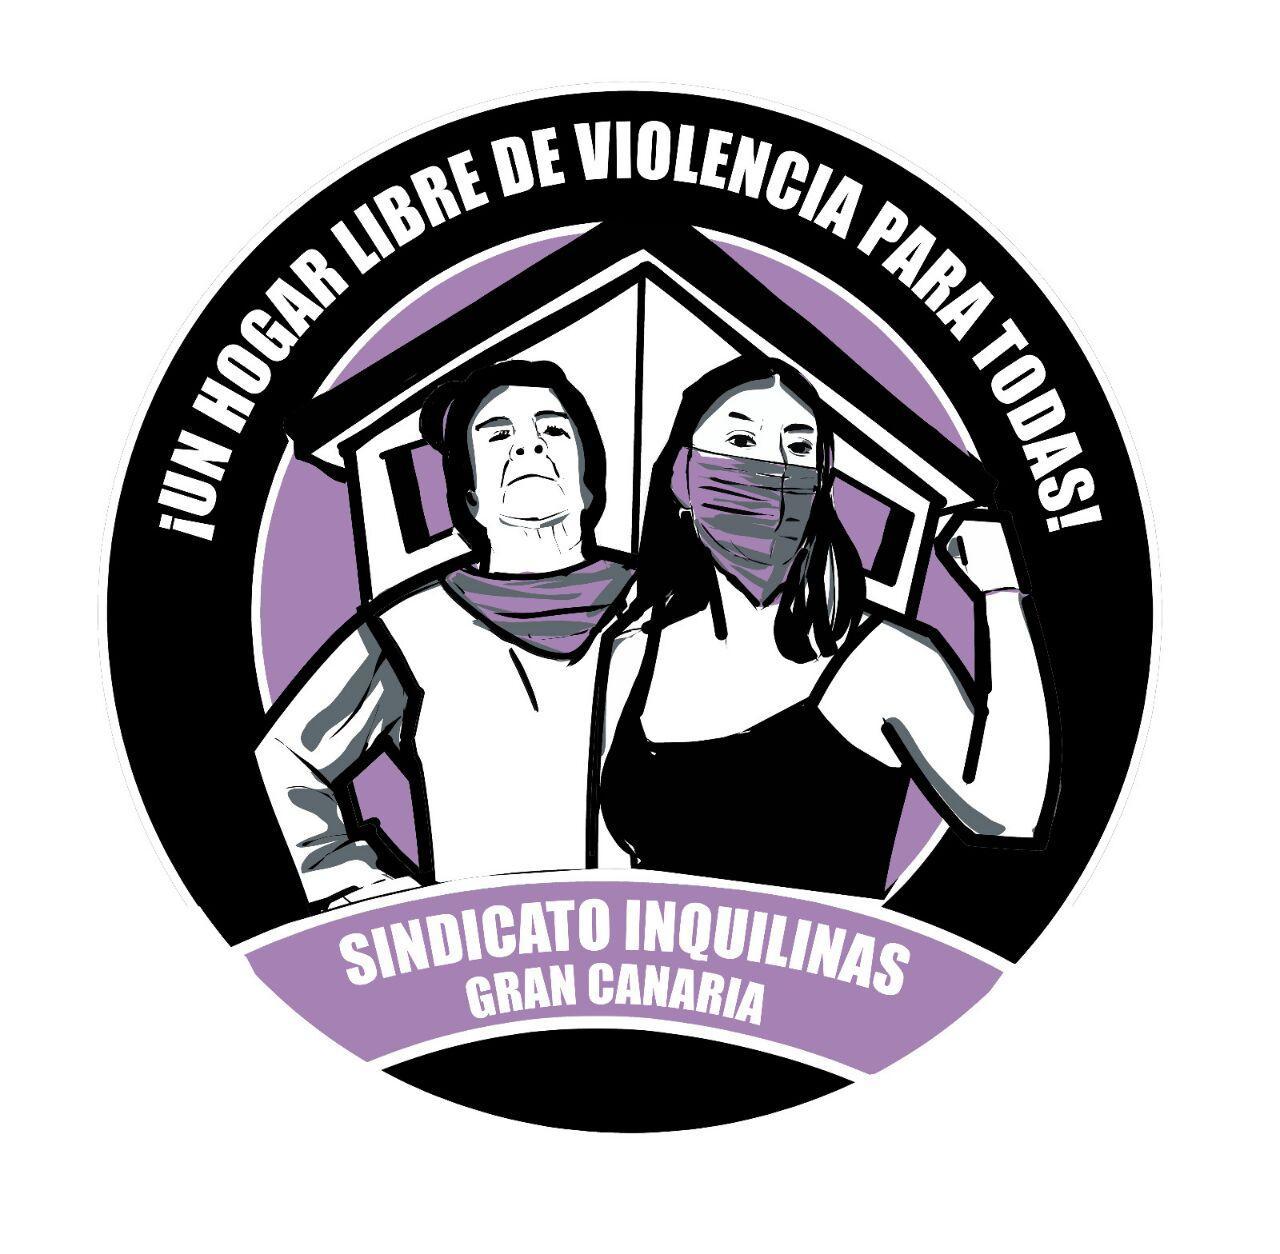 Un hogar libre de violencia para todas